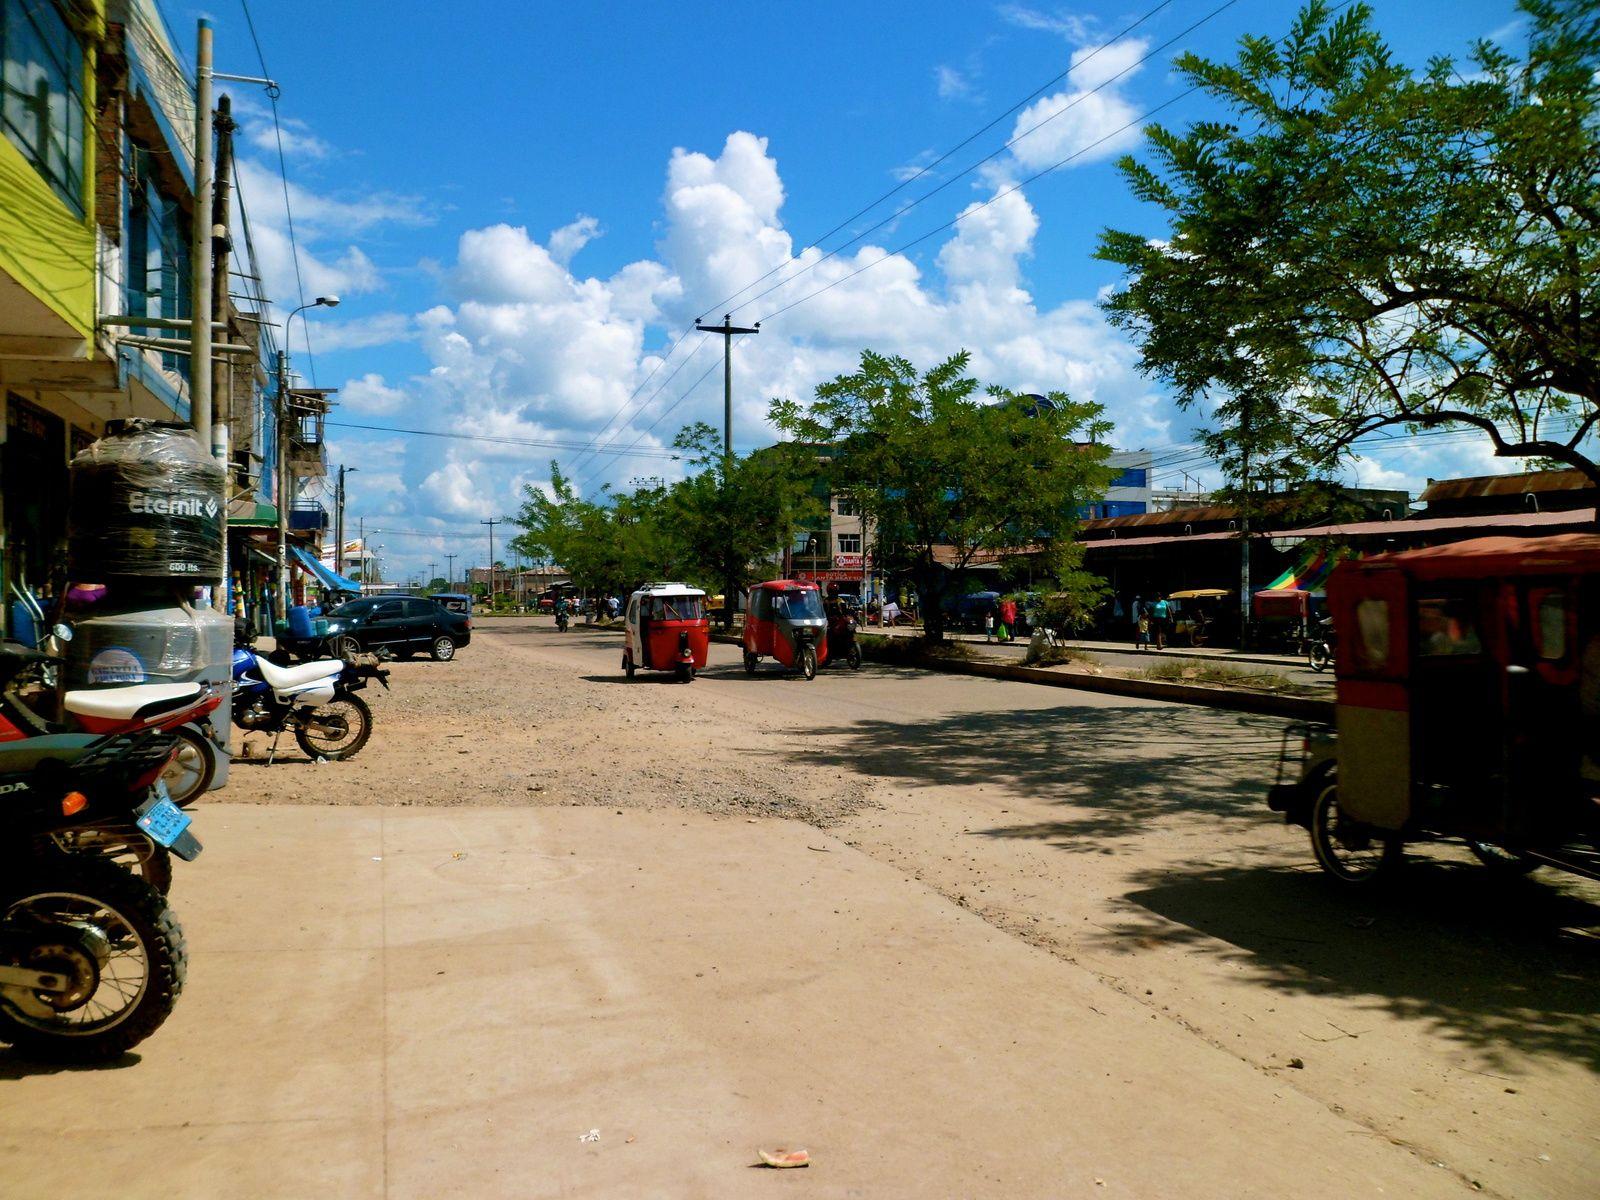 Mon arrivée à Puerto Maldonado, une ville au milieu de la forêt amazonienne péruvienne